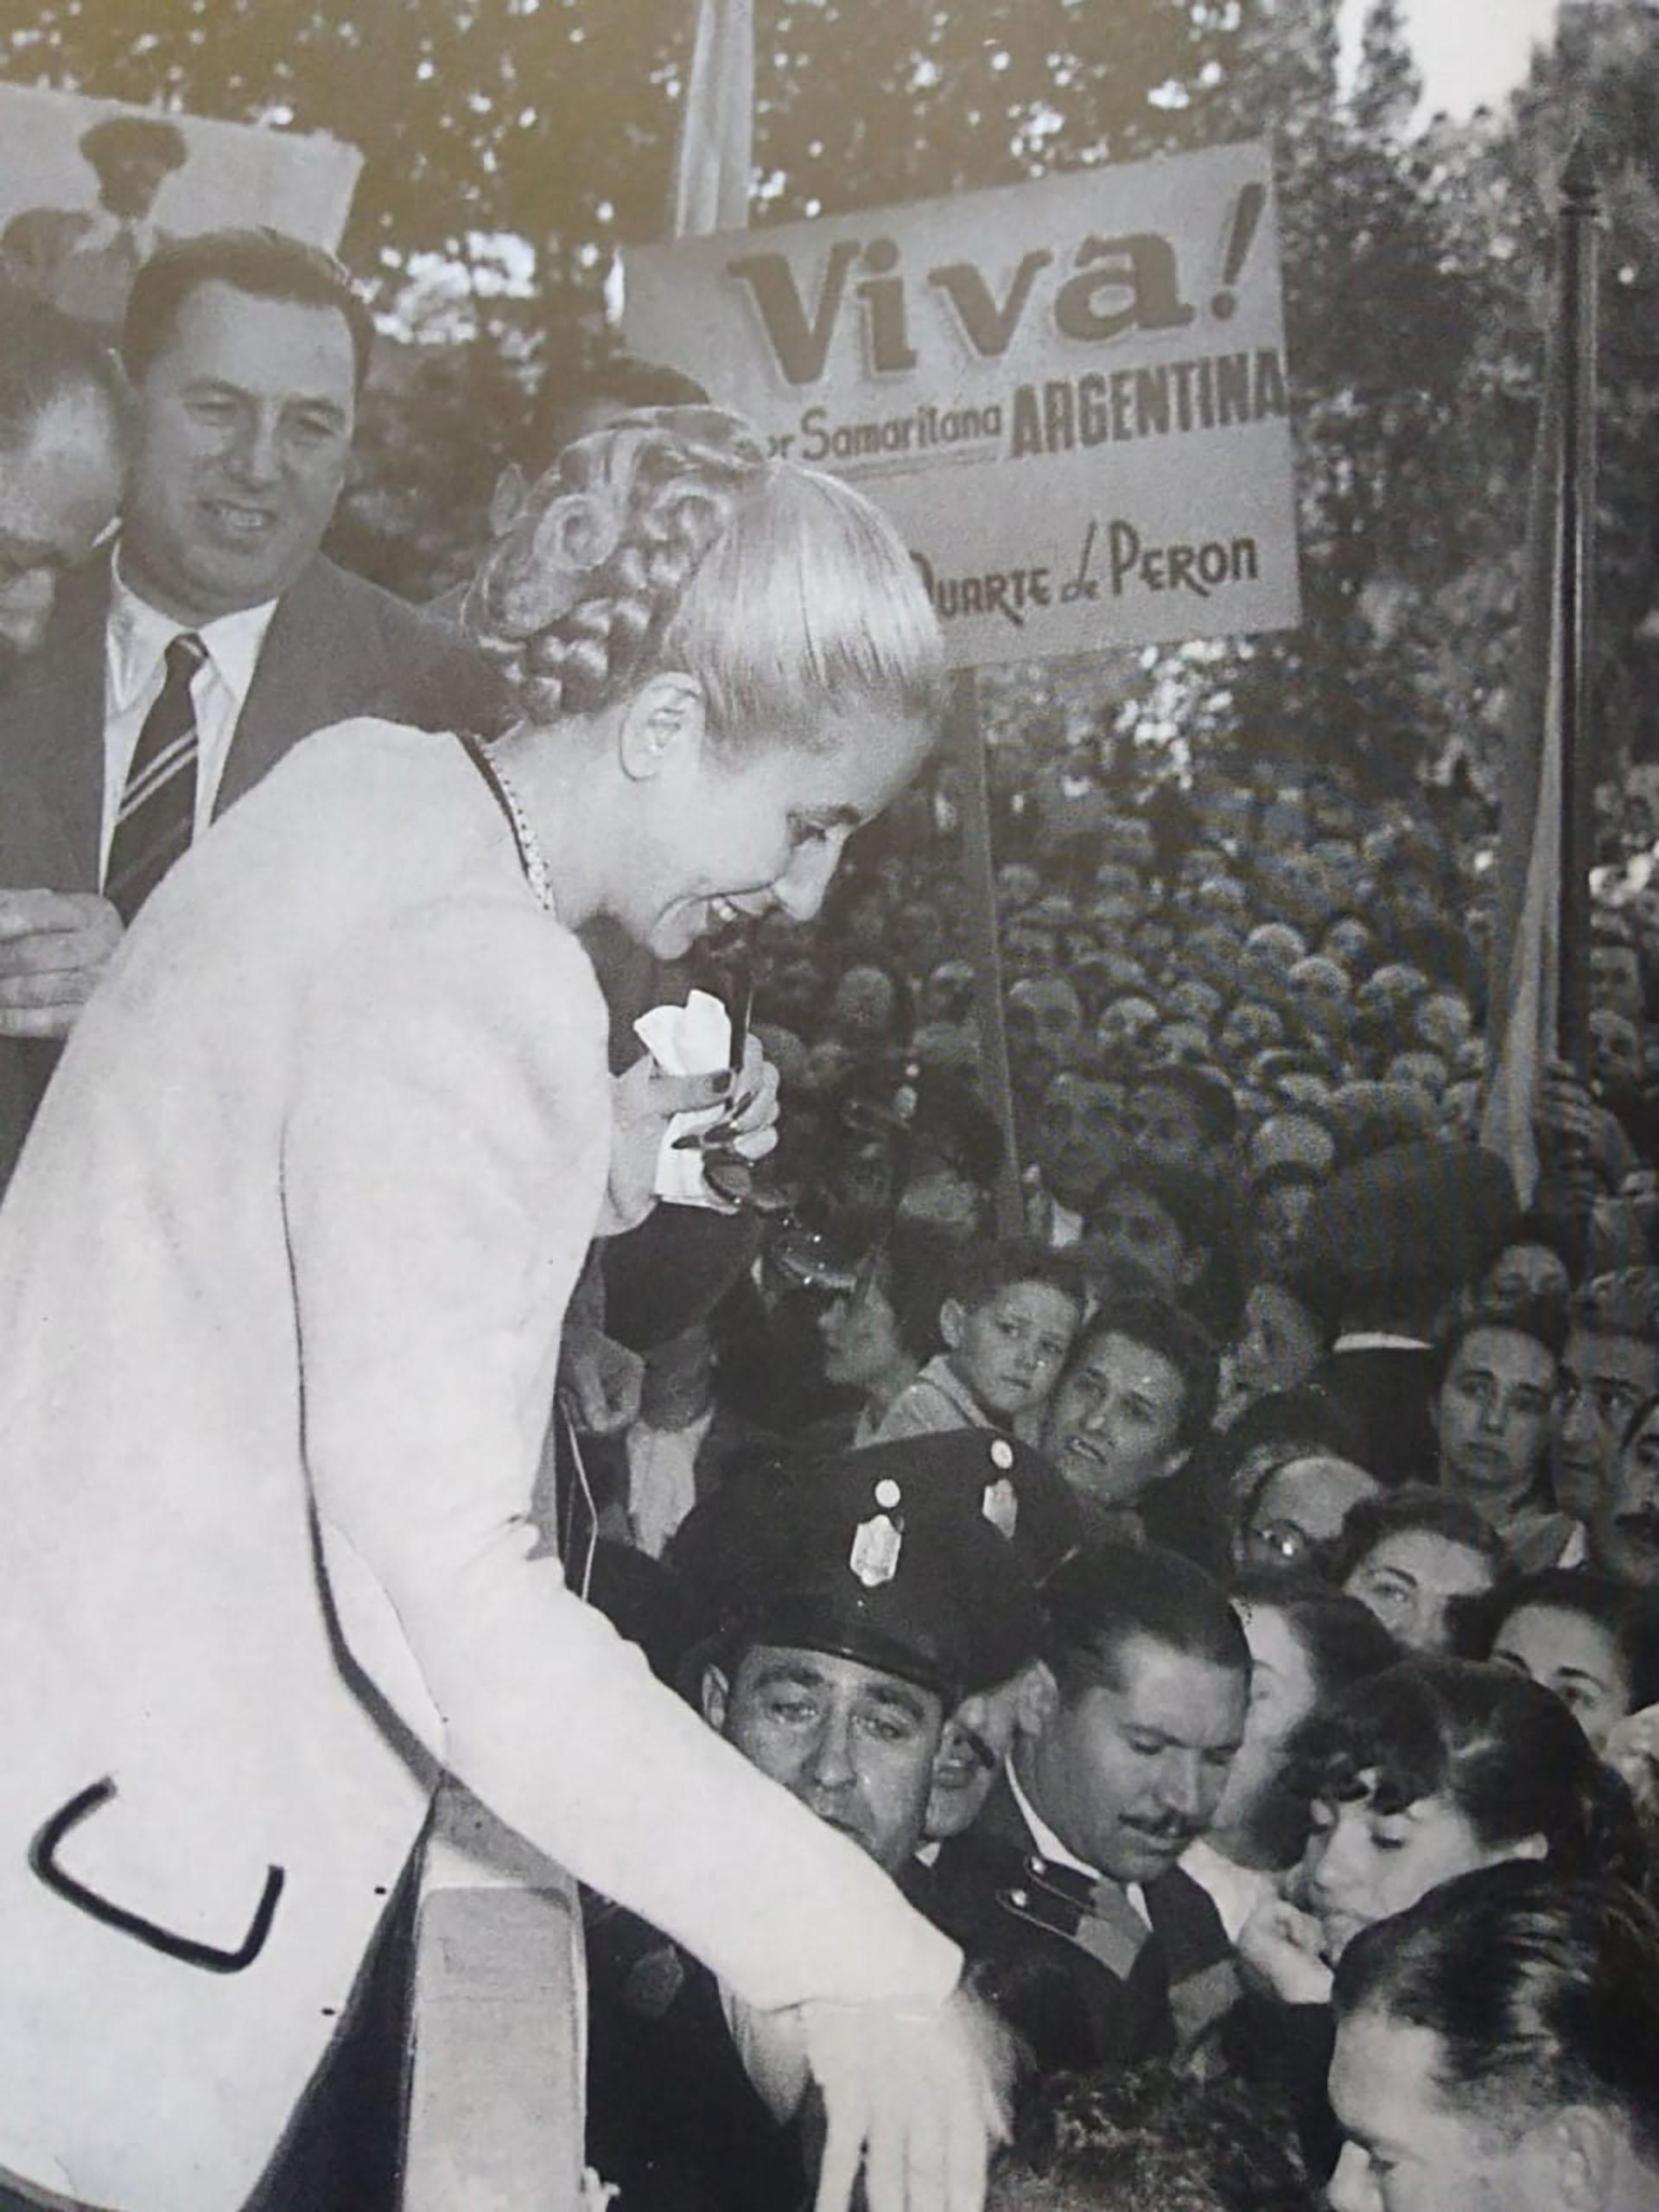 """Cuatro días después, el 17 de octubre de 1945, una fecha que da origen al """"Día de la Lealtad"""", los obreros, los trabajadores, los """"descamisados"""", dejaron sus puestos de trabajo y se dirigieron a la Plaza de Mayo a reclamar la presencia de quien los había protegido. Temían que con su destitución se perdieran todas las conquistas laborales alcanzadas. La multitud no abandonó la Plaza hasta que Perón fue liberado y aparecióen el balcón de la Casa Rosada. Esa misma noche, y para júbilo de la multitud, el gobierno anuncia la fecha de las elecciones nacionales"""